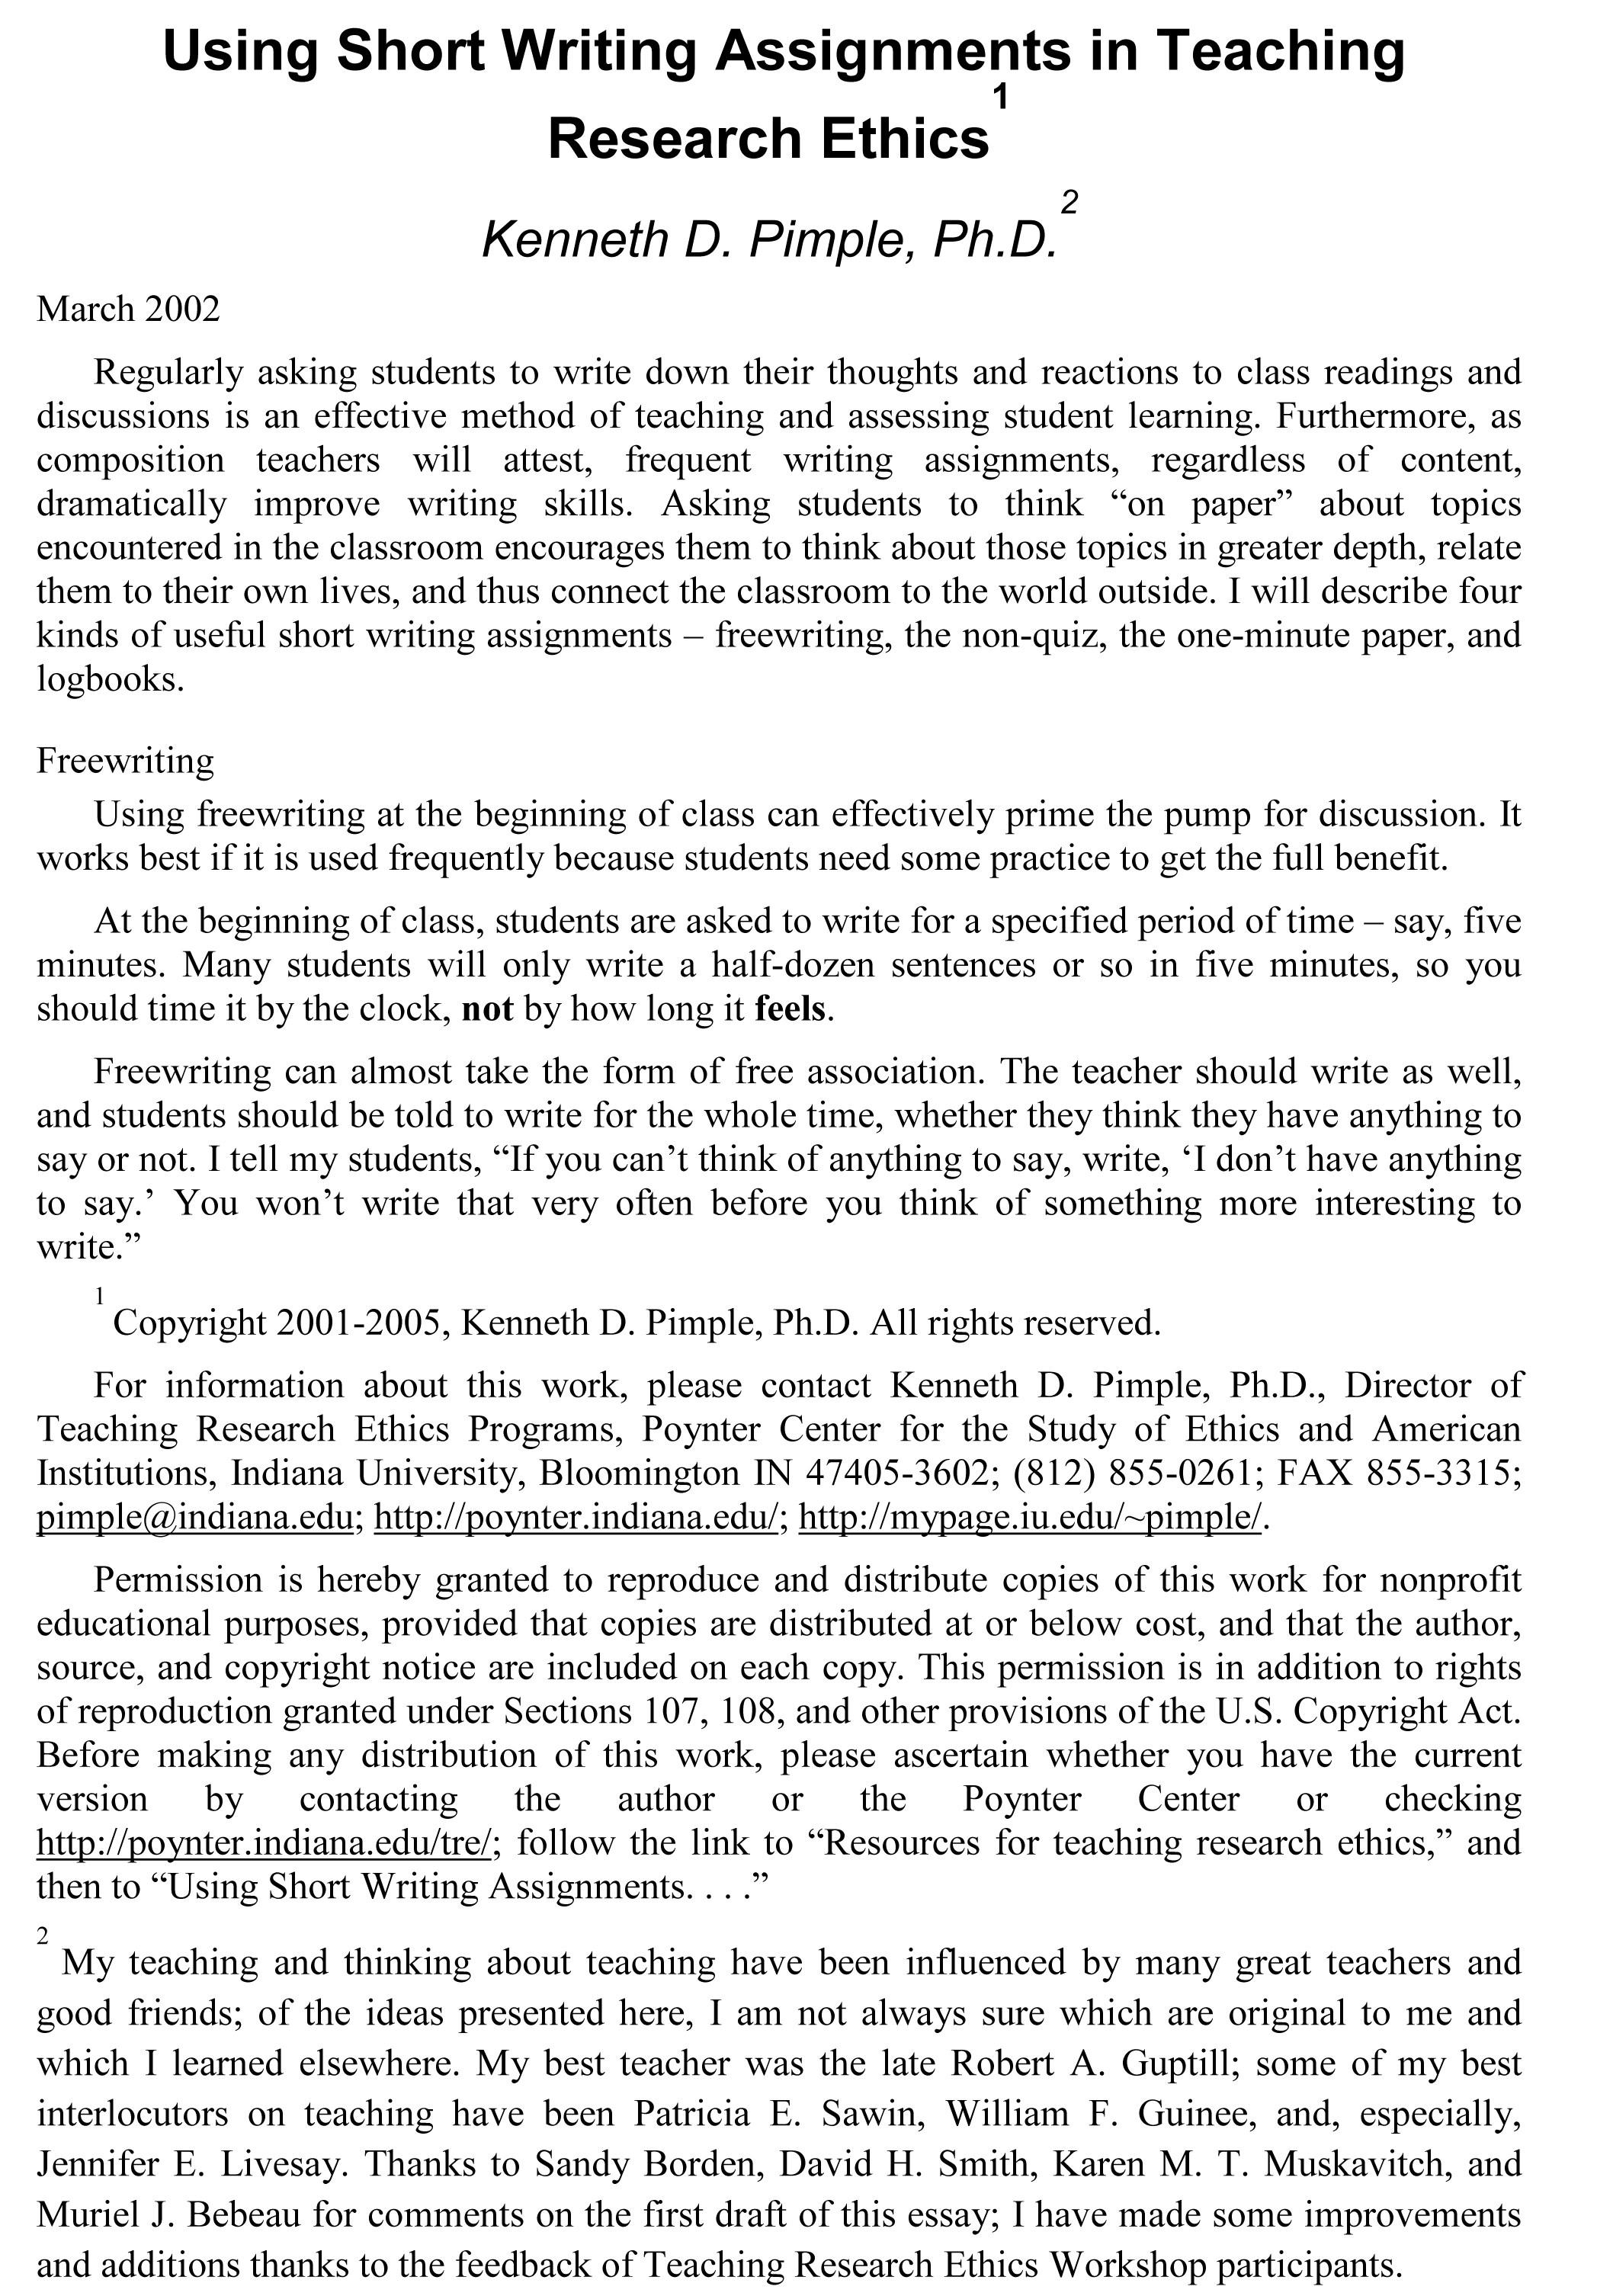 To kill a mockingbird prejudice essays law essay titles